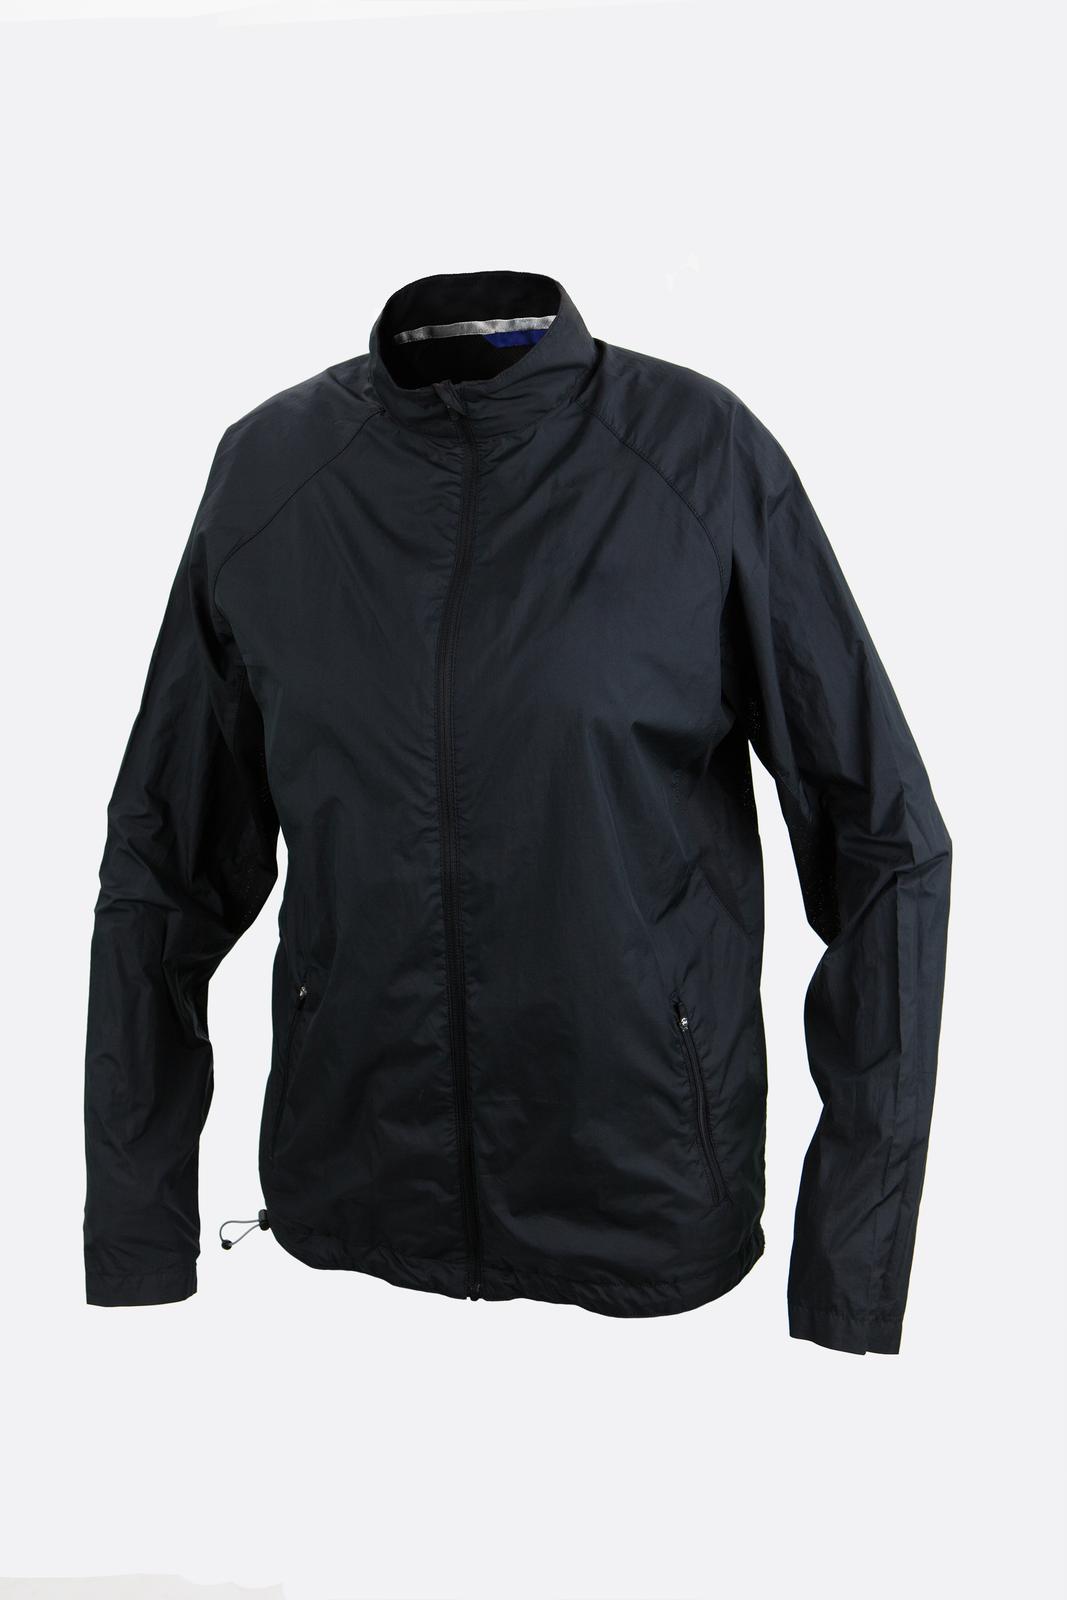 Zdjęcie czarnej kurtki